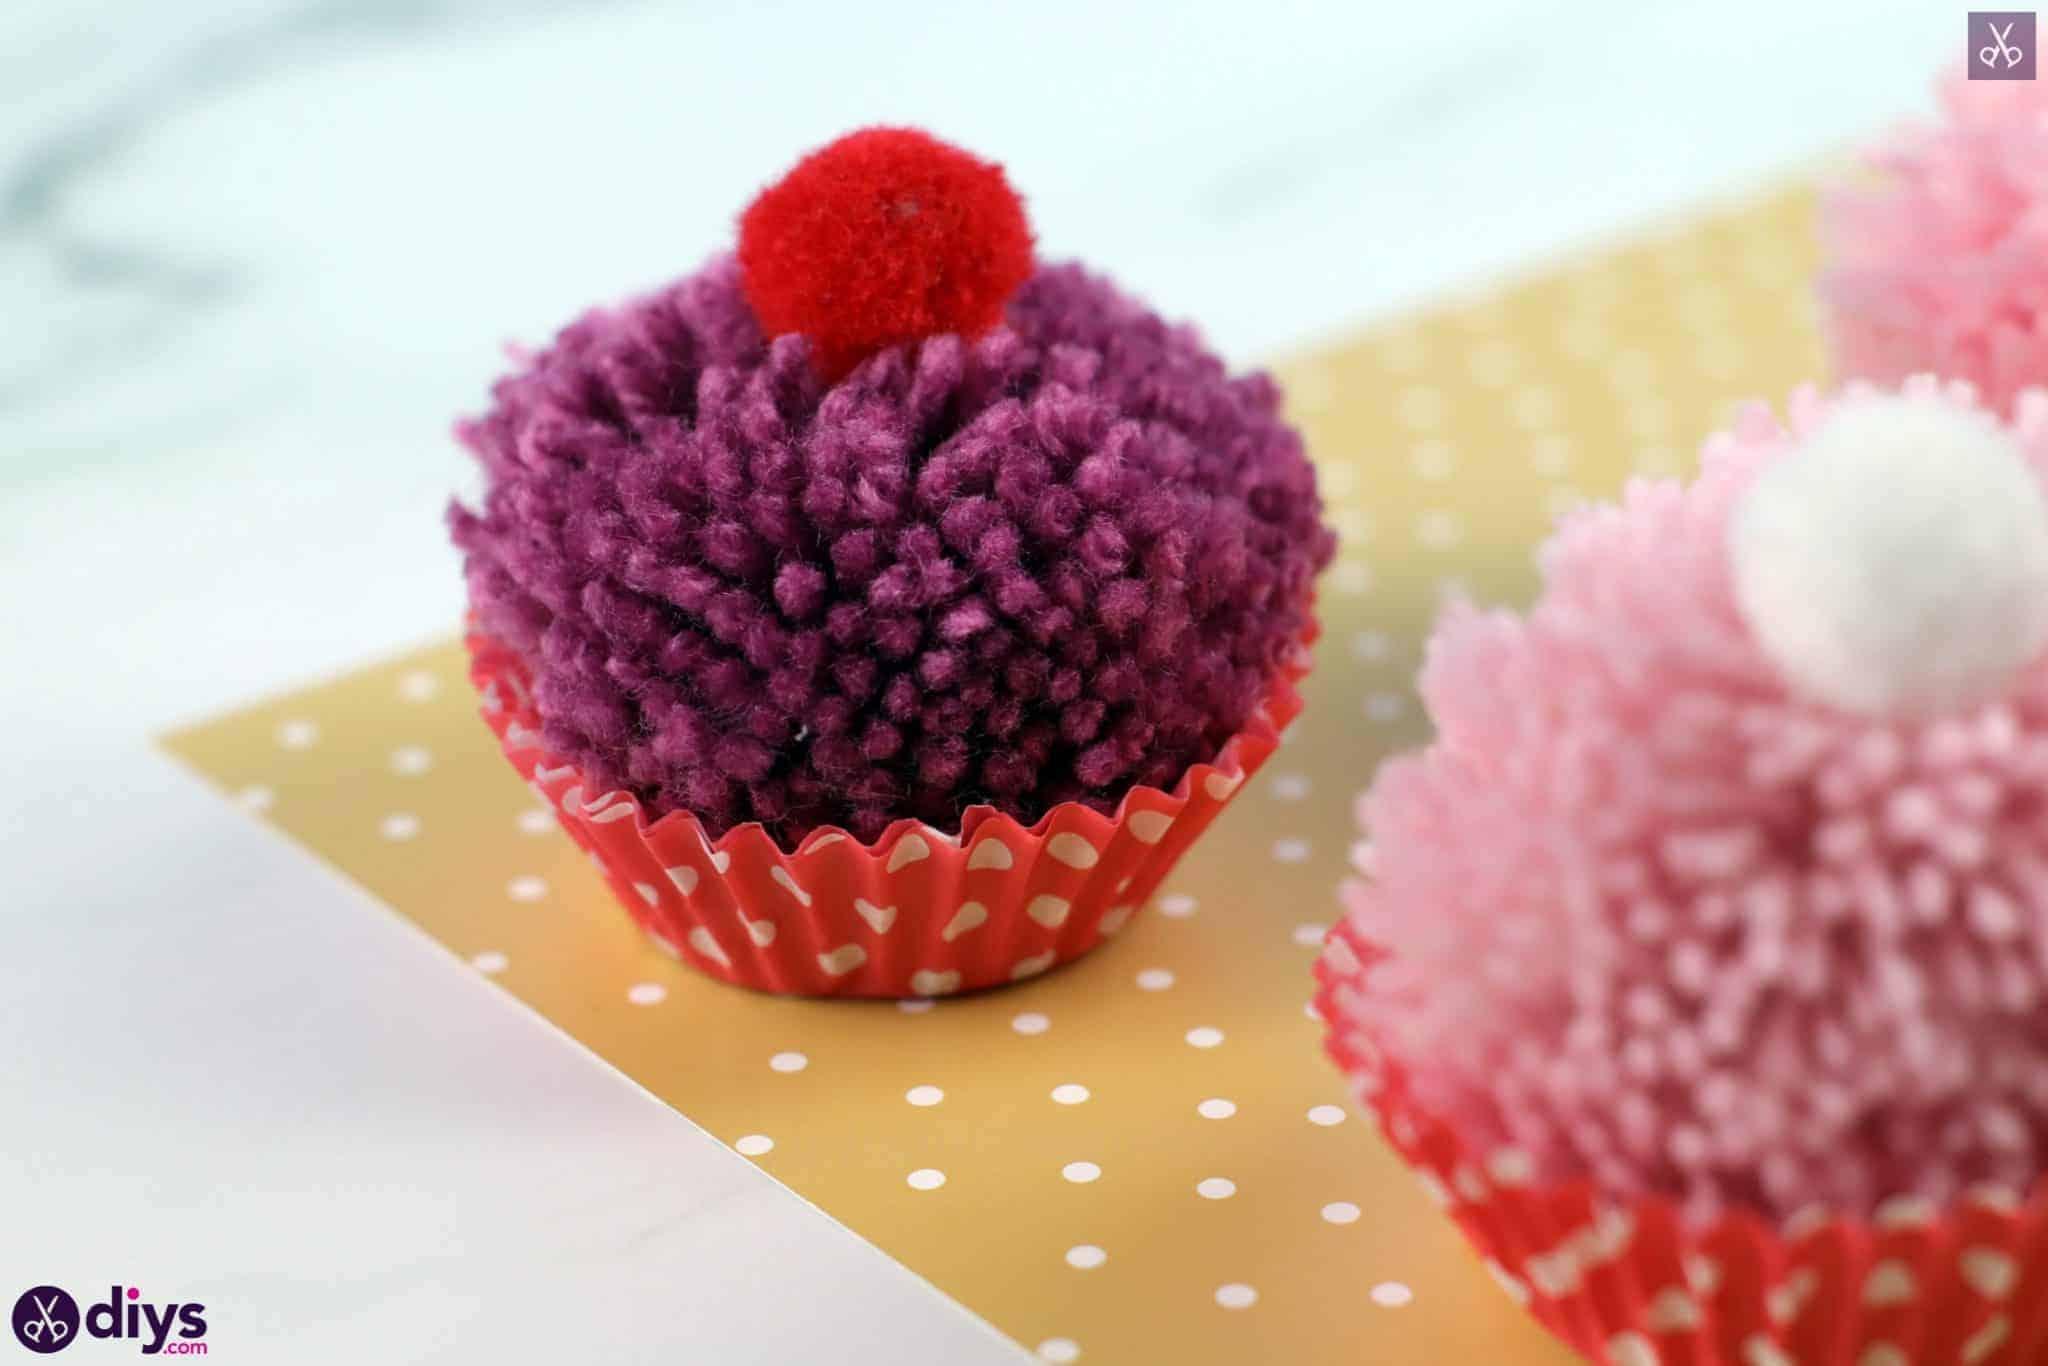 Diy pom pom muffin project